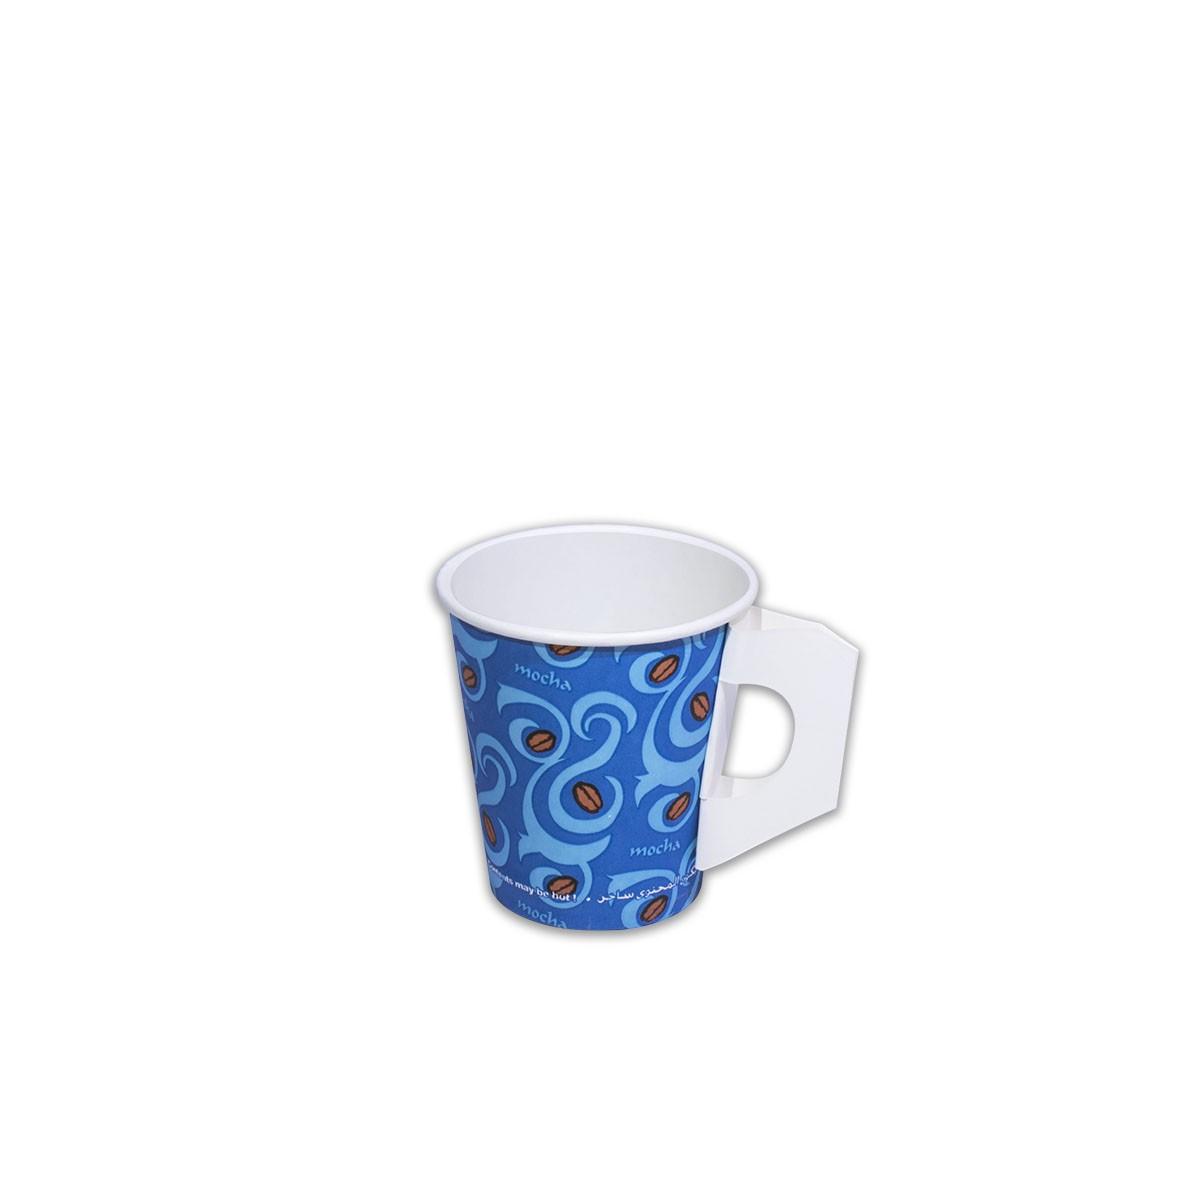 Printed Paper Cup w/ Handle 7oz - Mocha | 50pcs*20pkts